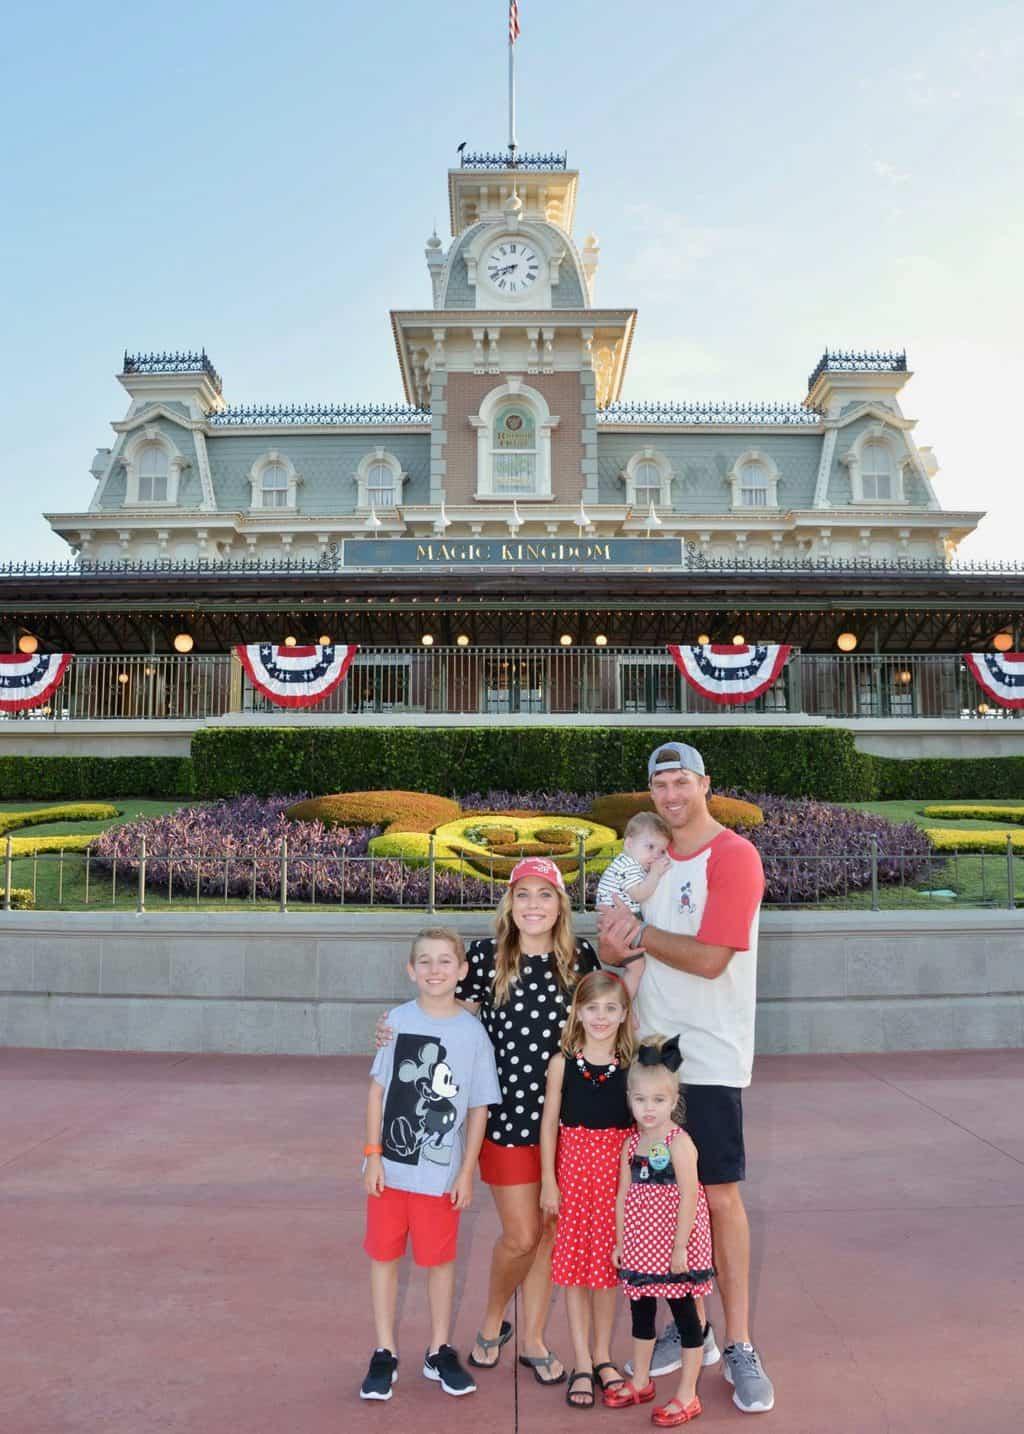 Tess Disney Birthday: Magic Kingdom Morning